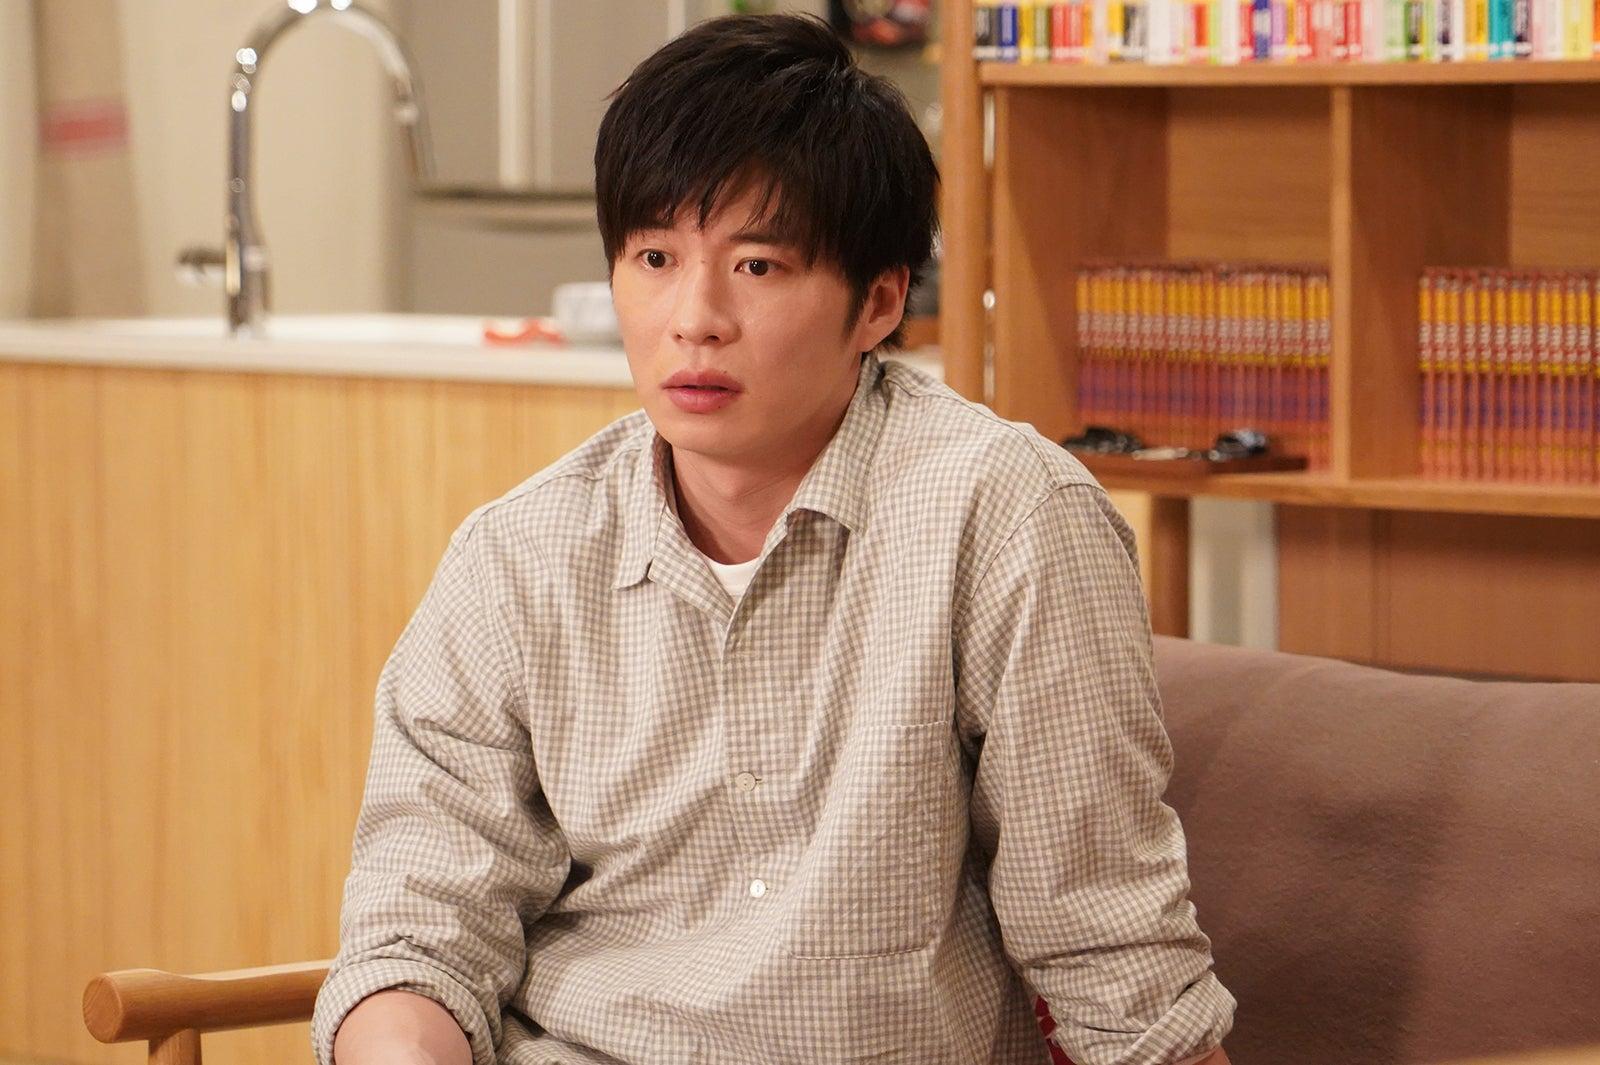 田中圭/「あなたの番です」第5話より(C)